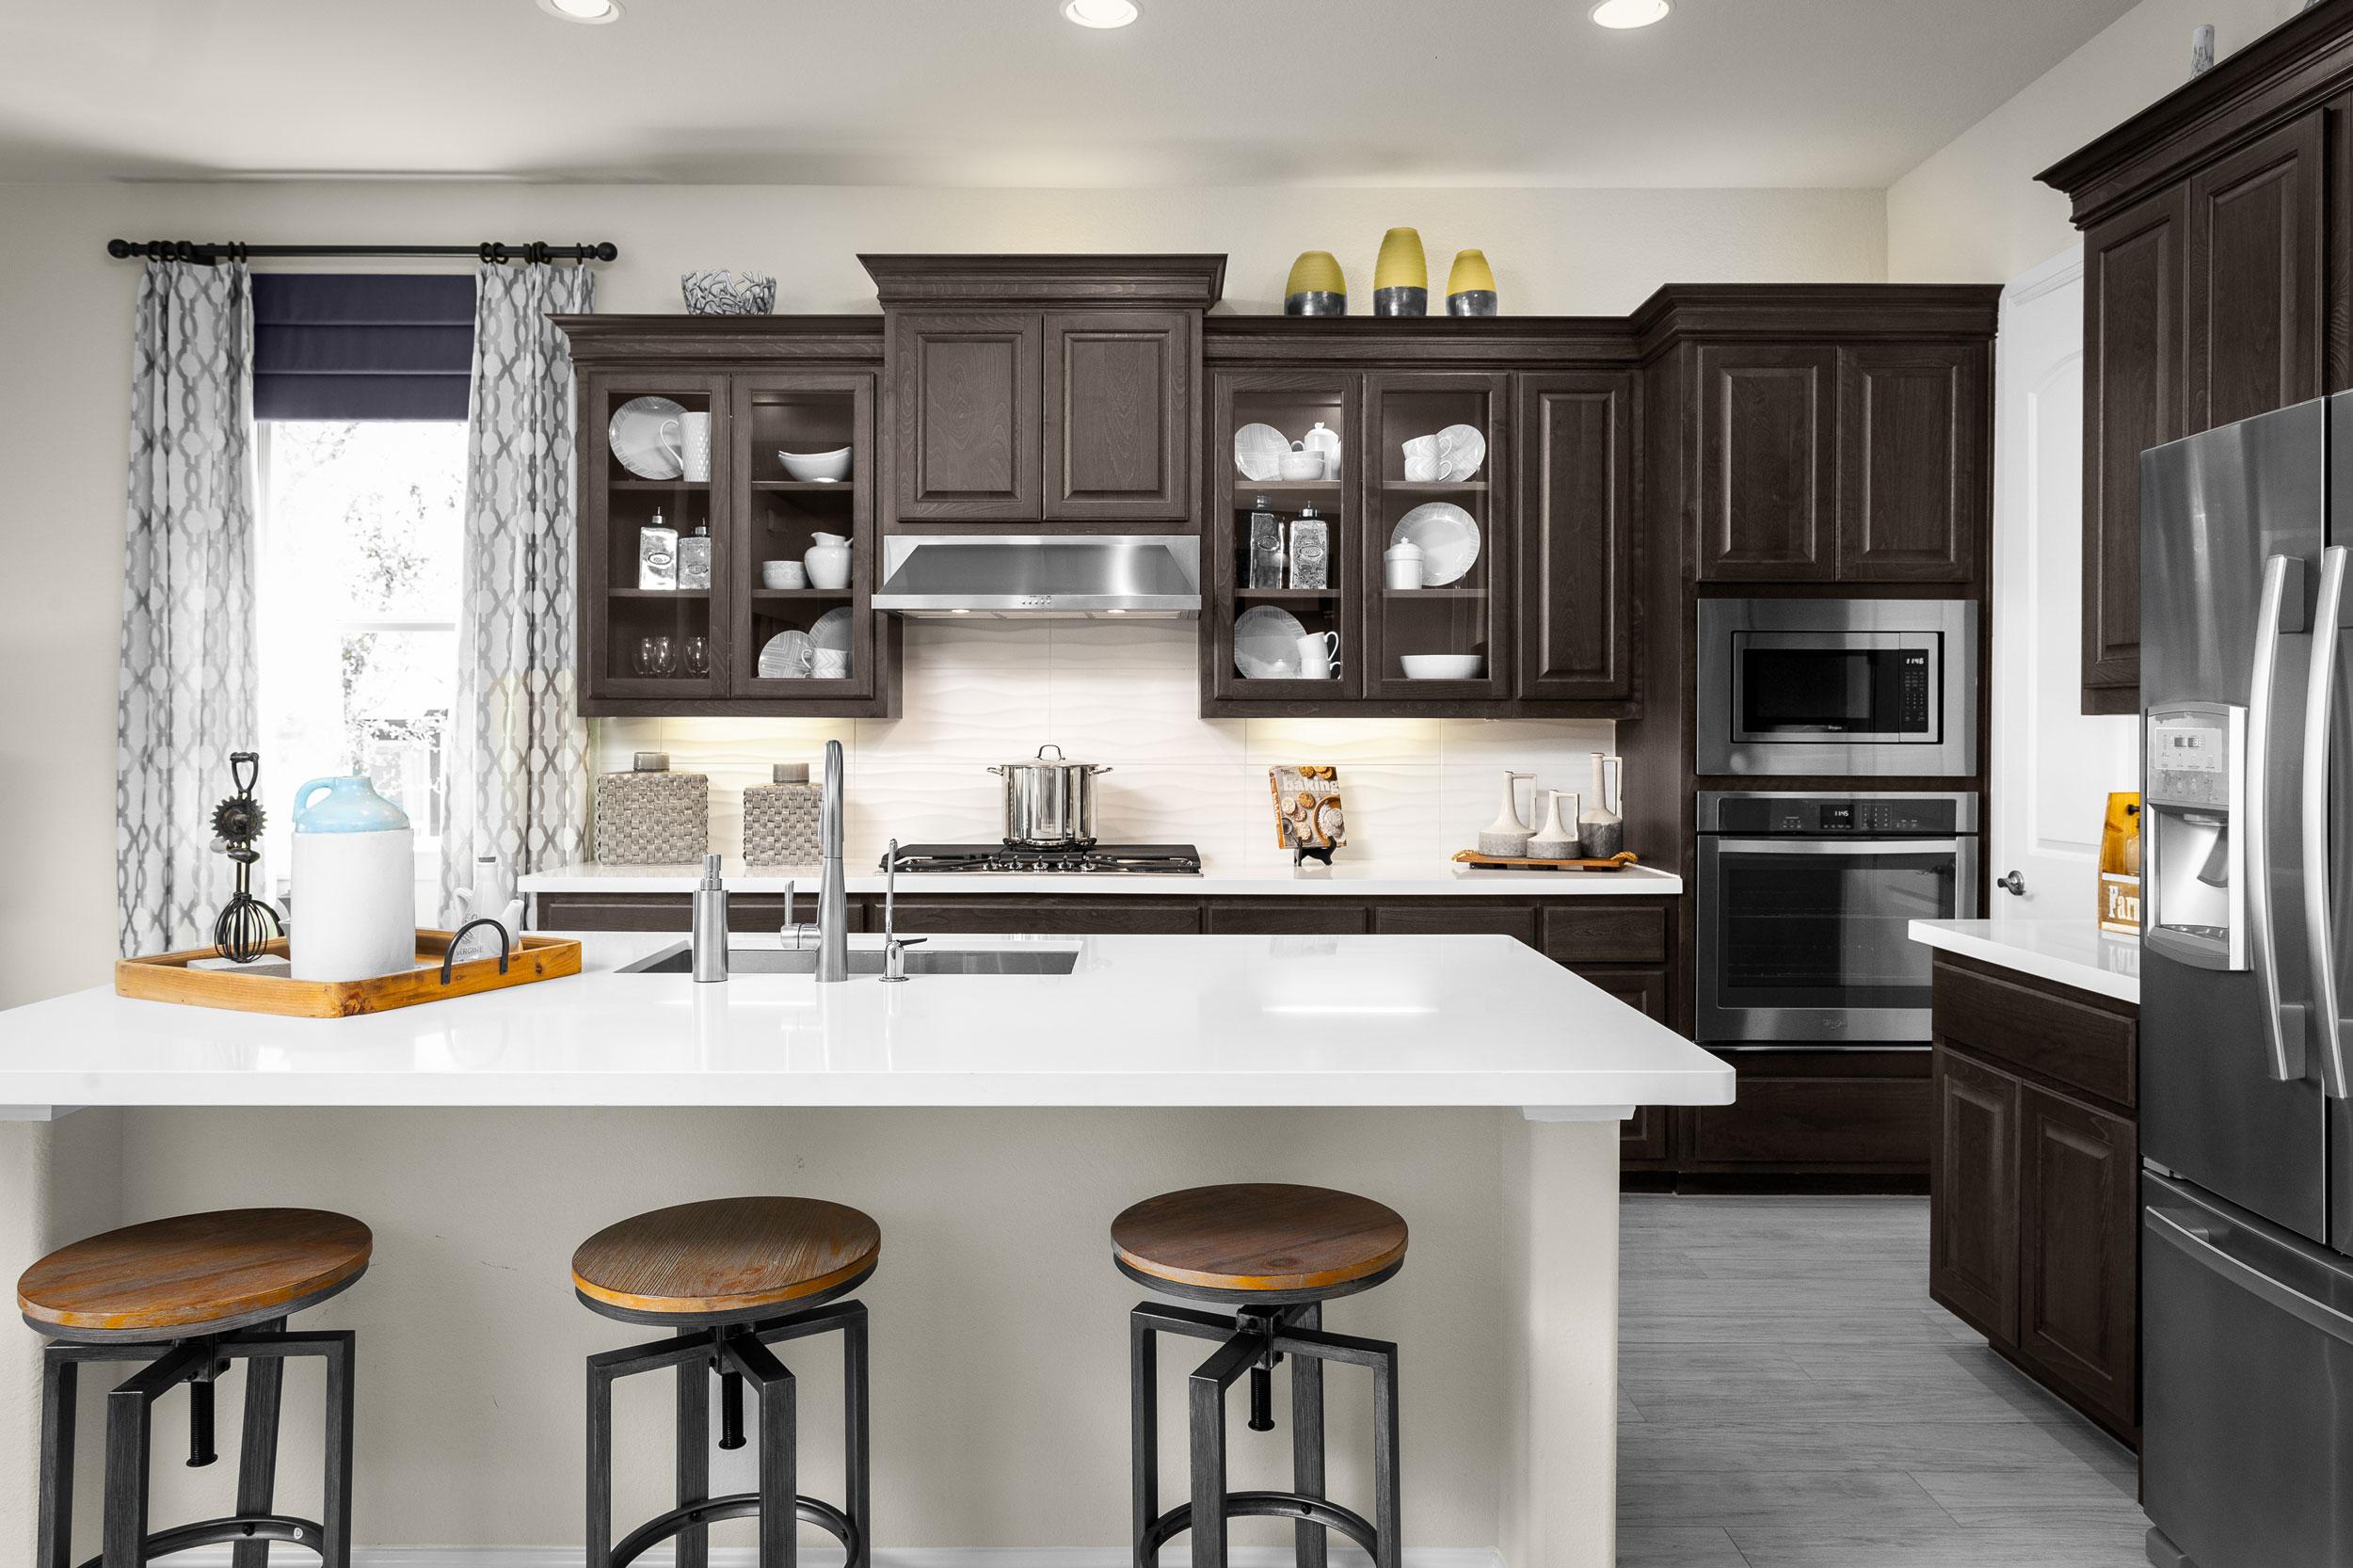 kitchen-design-modern.jpg